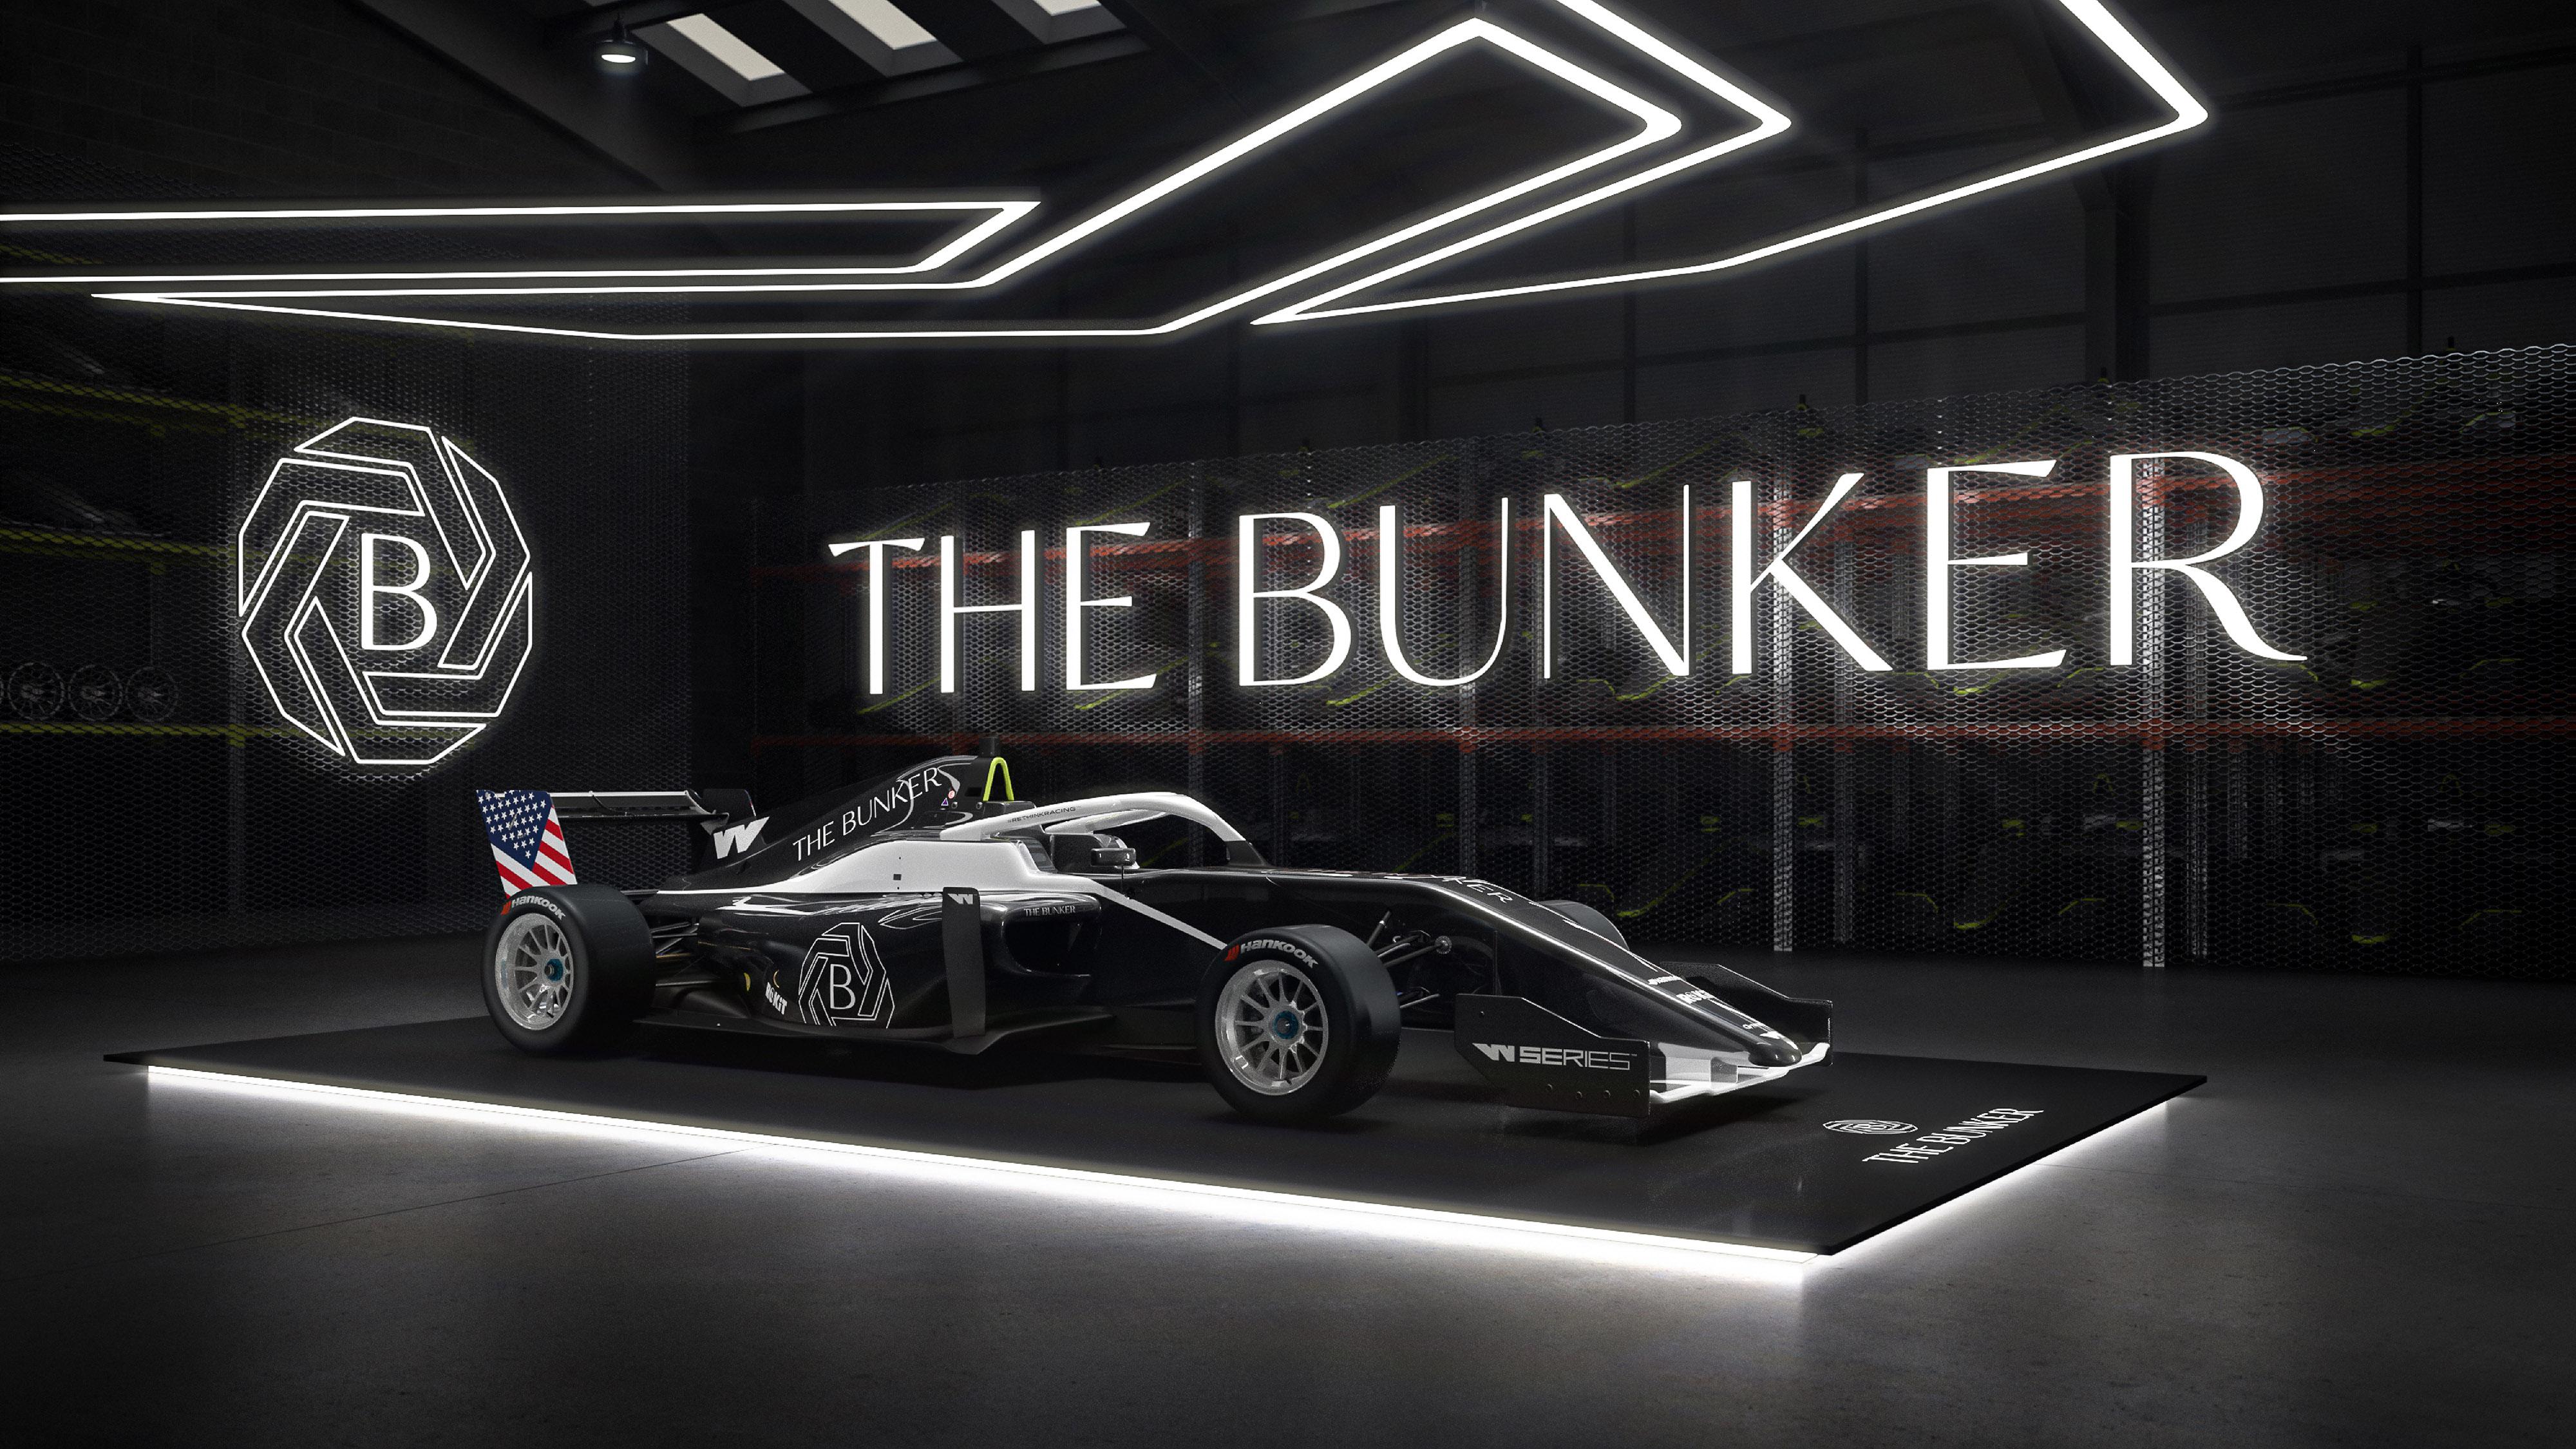 bunker-w-series-2021-soymotor.jpg